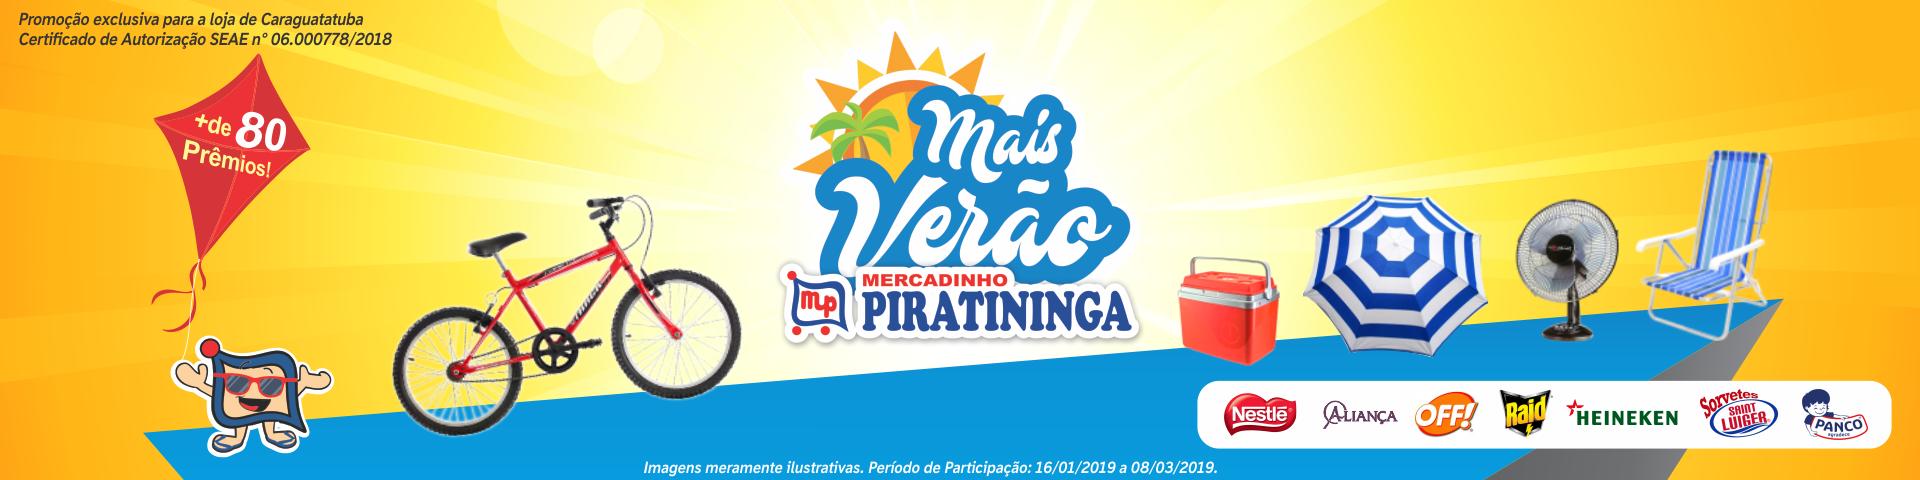 Participe da Promoção Mais Verão!